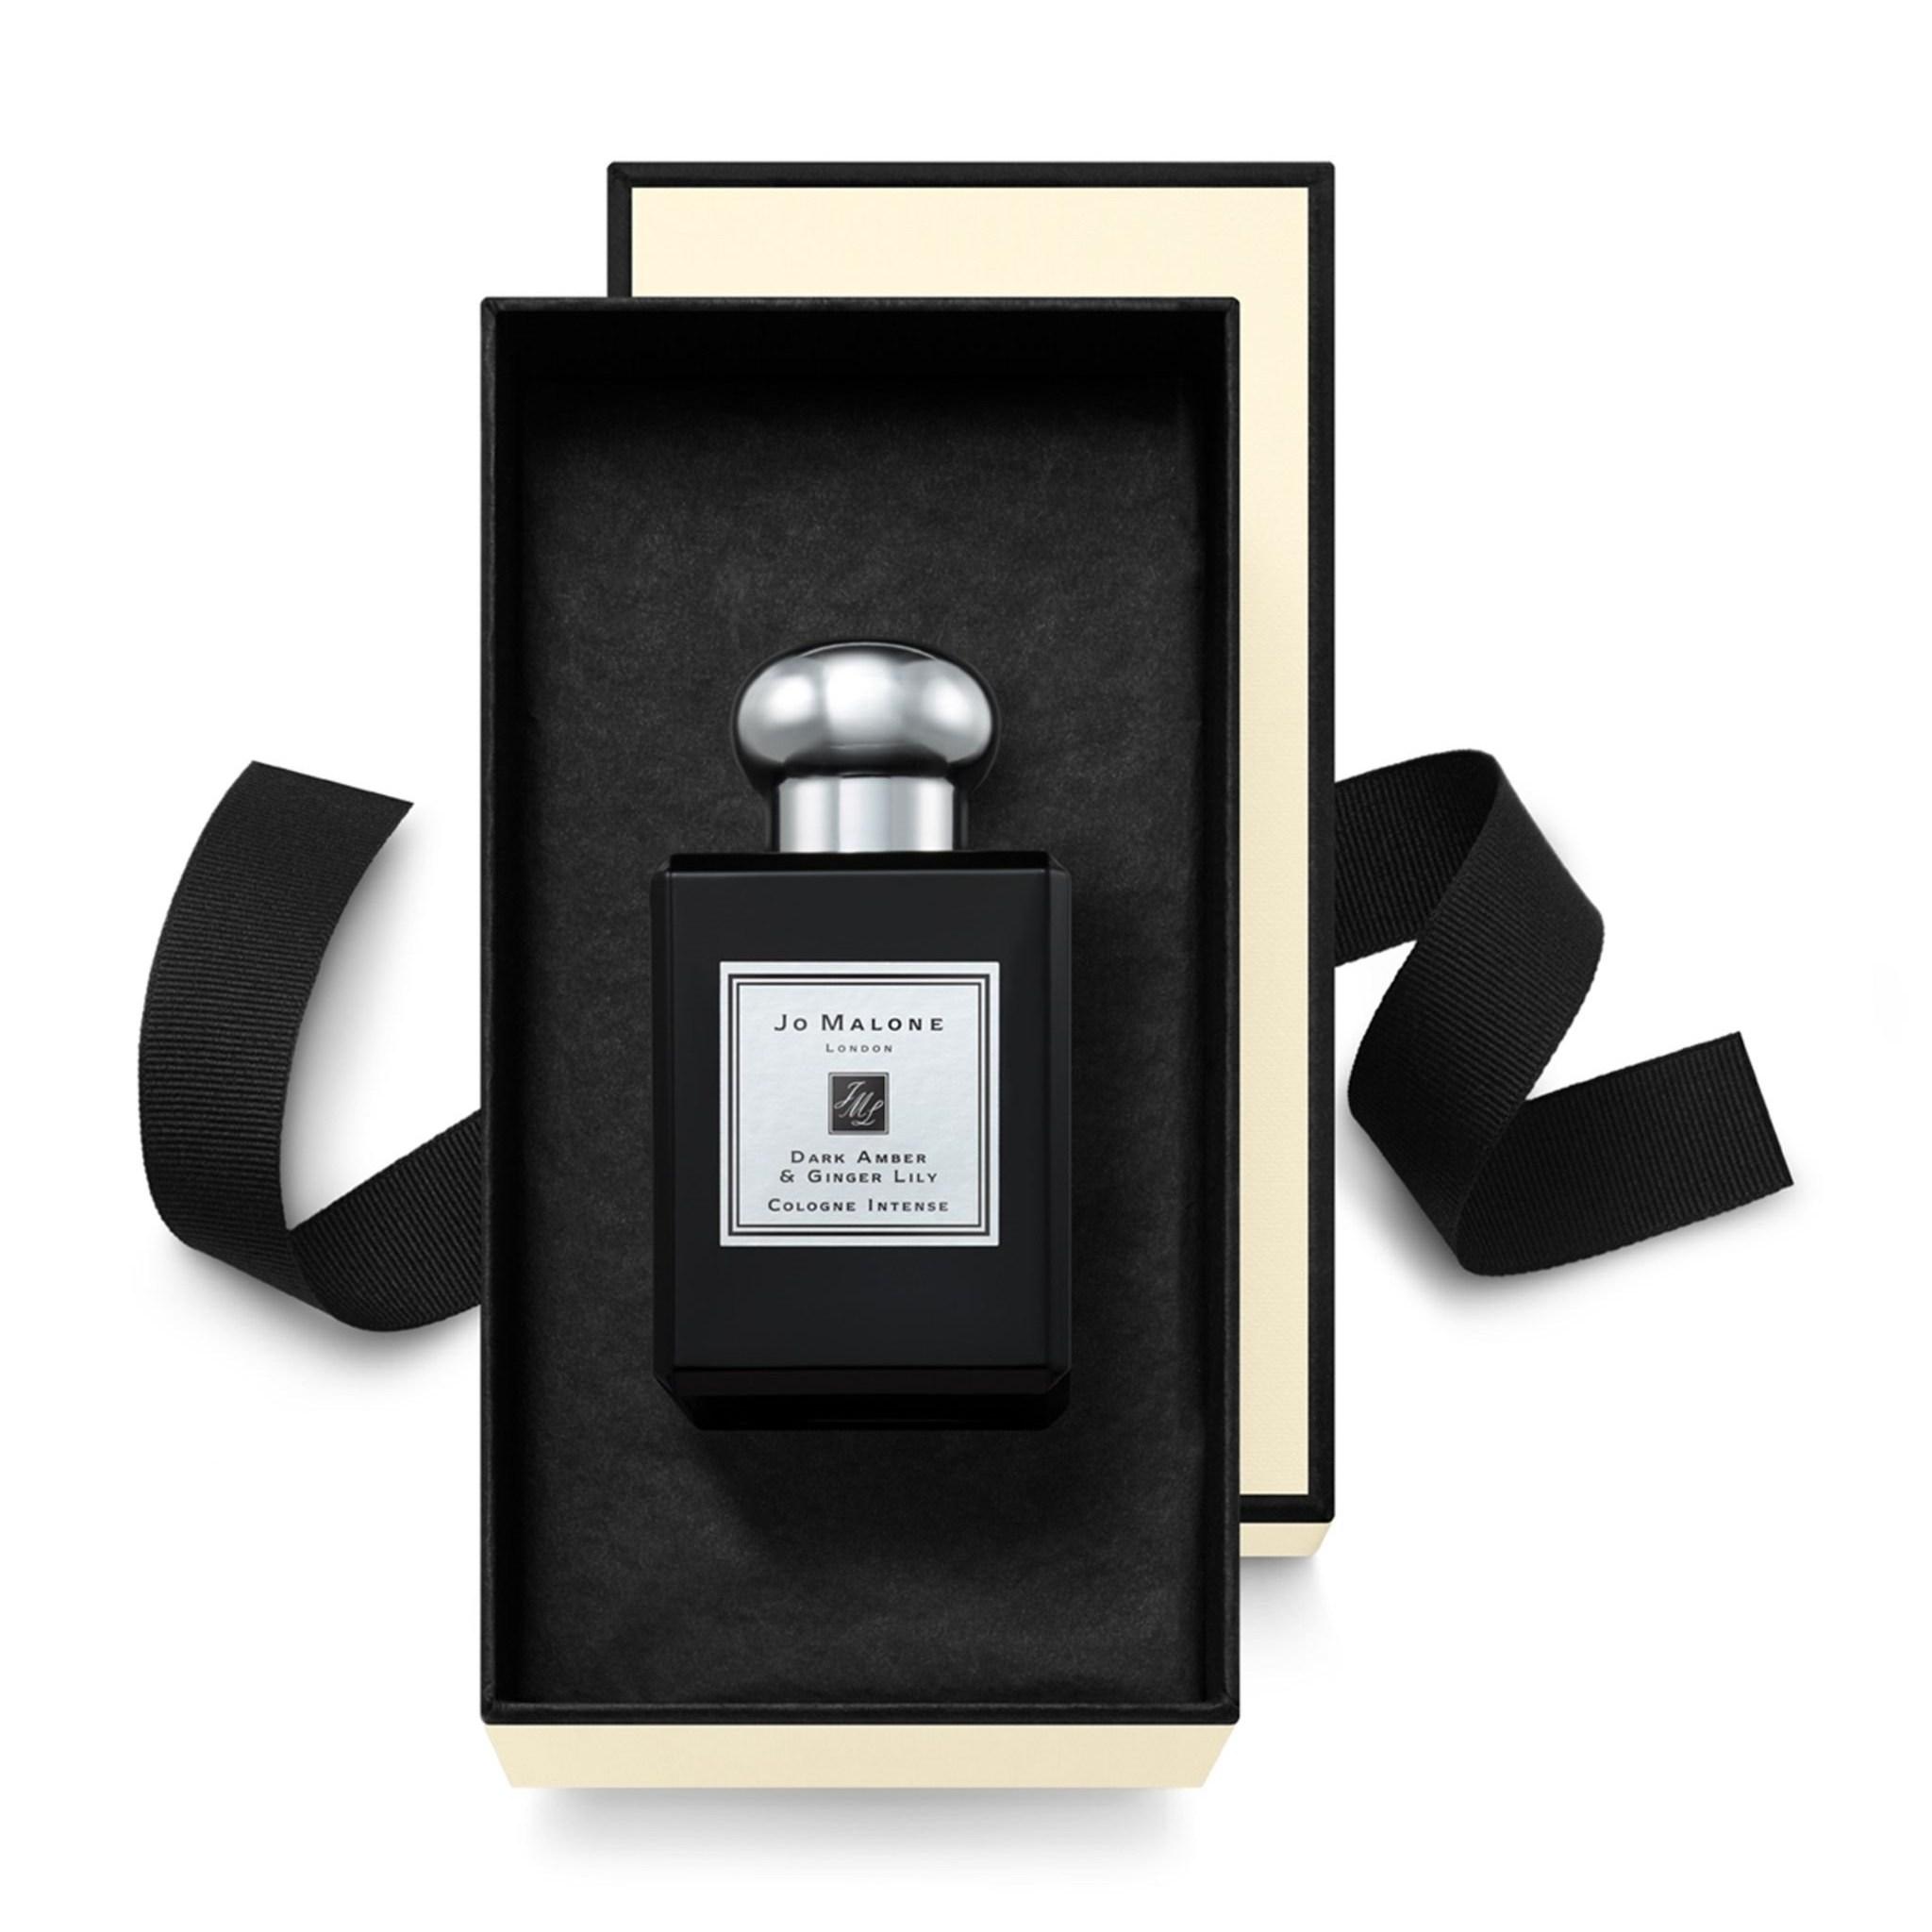 정품 조말론 런던 다크 앰버 앤 진저 릴리 코롱 인텐스 향수, 100ml